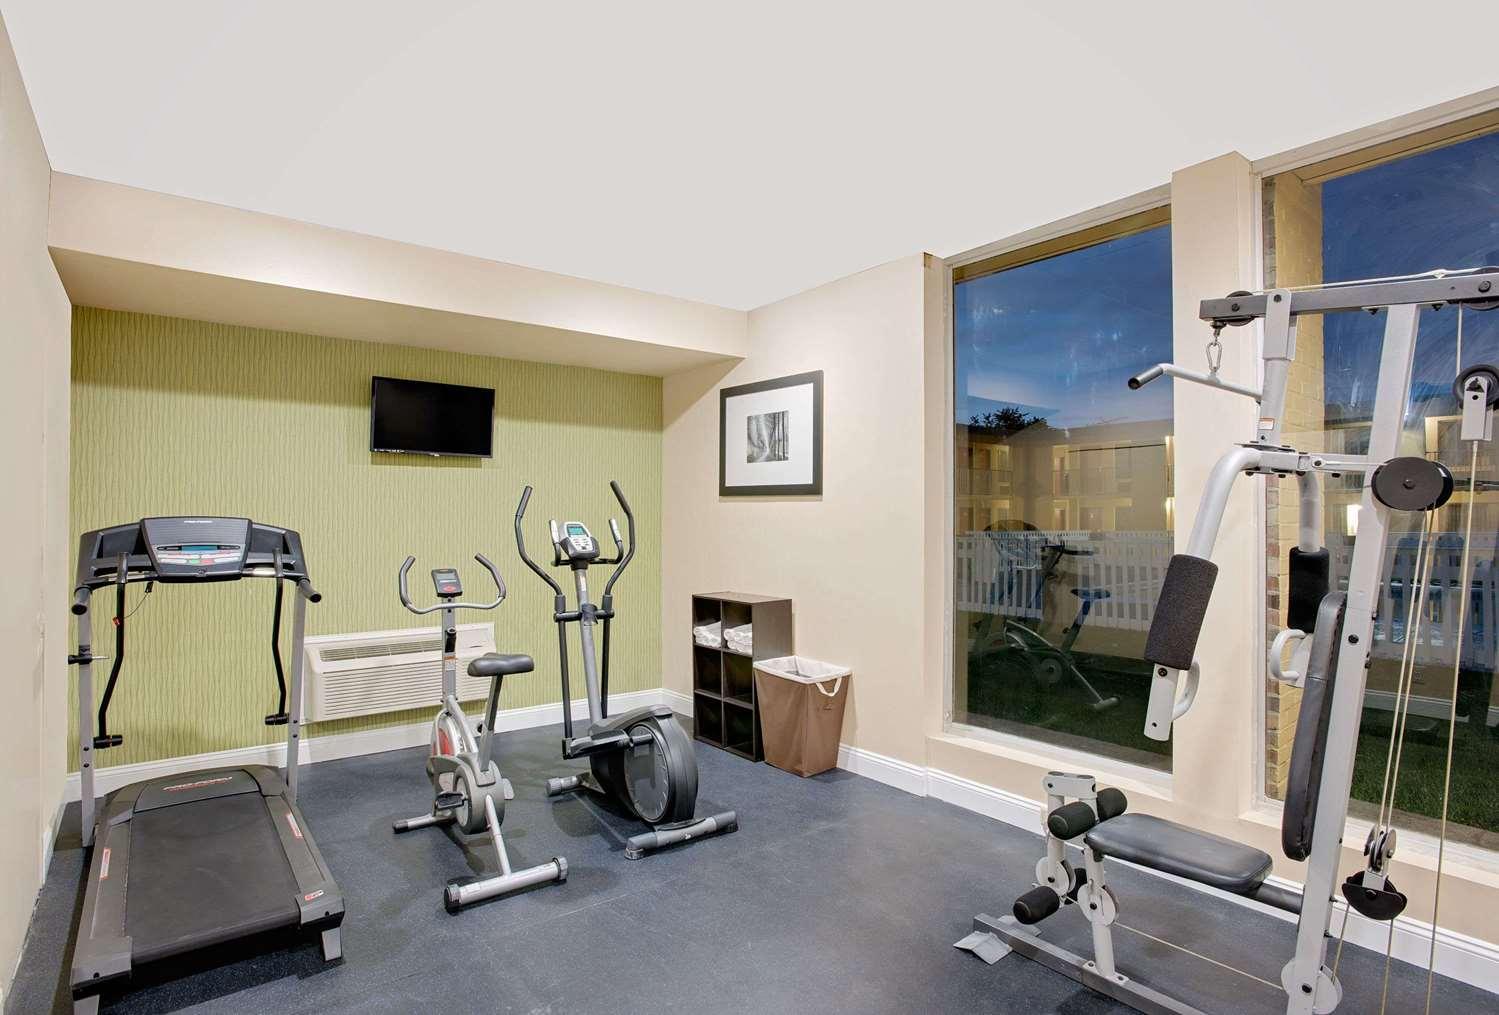 Fitness/ Exercise Room - Days Inn Easton